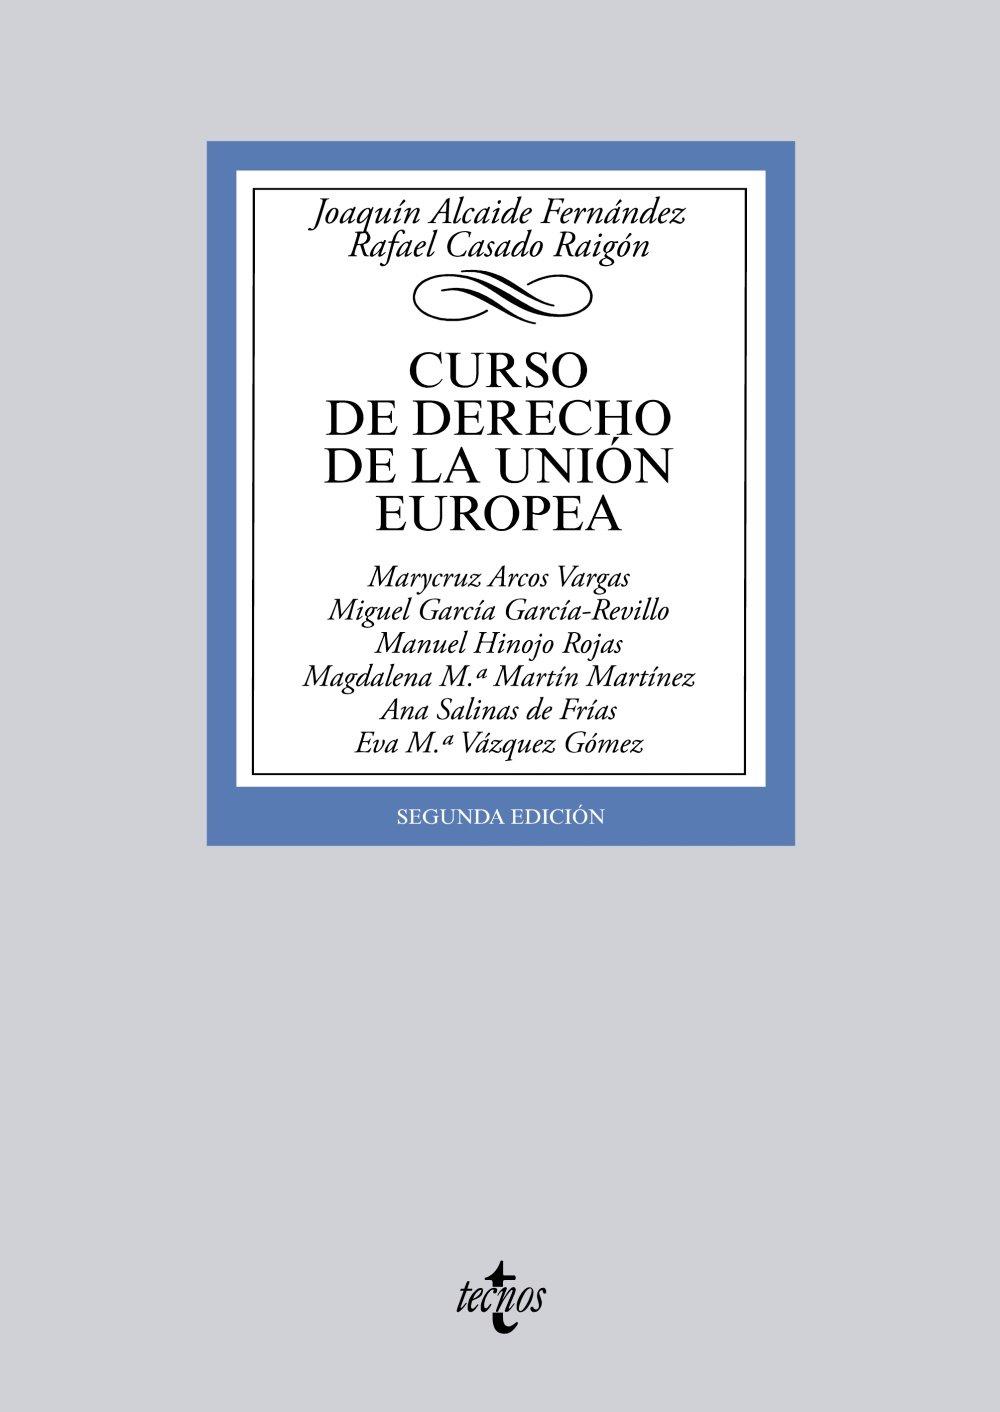 Curso de Derecho de la Unión Europea (Derecho - Biblioteca Universitaria De Editorial Tecnos) Tapa blanda – 2 oct 2014 Joaquín Alcaide Fernández Rafael Casado Raigón Marycruz Arcos Vargas Manuel Hinojo Rojas